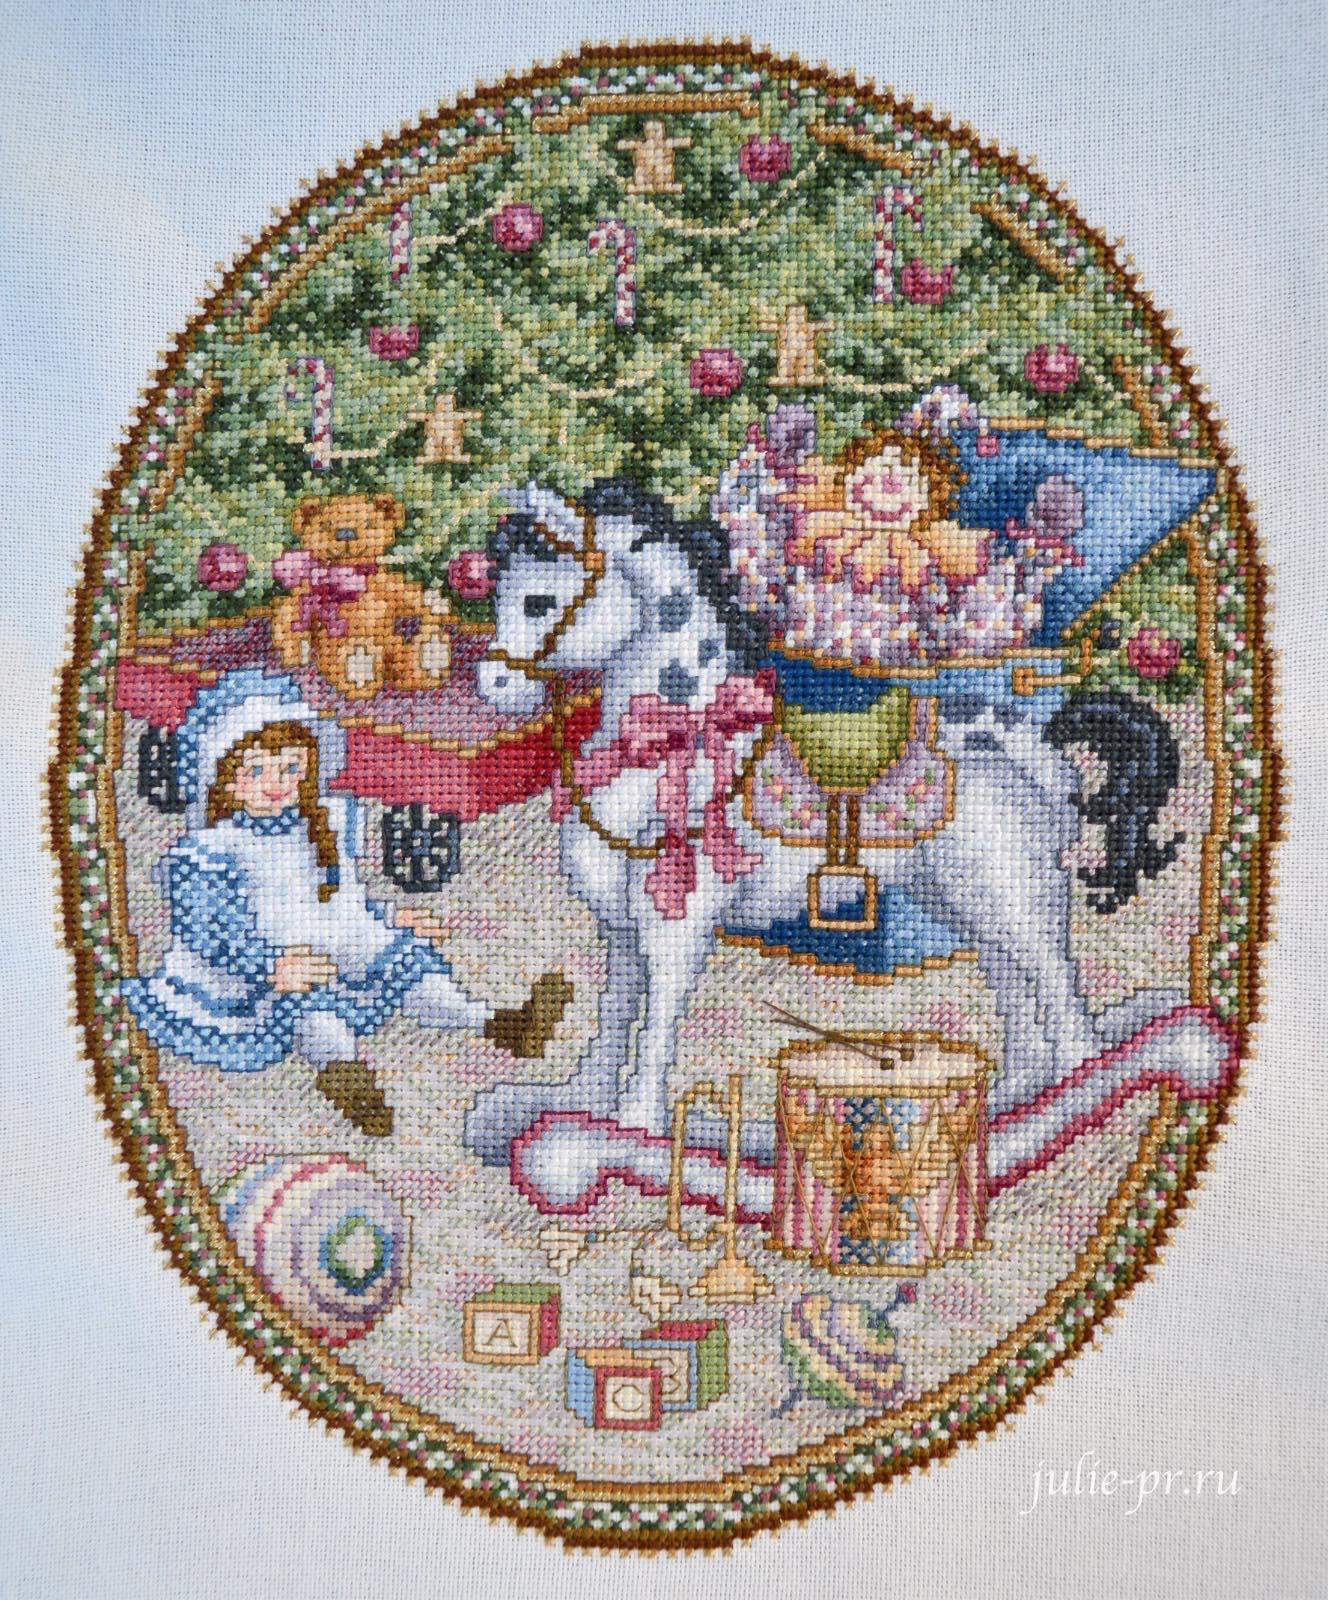 Teresa Wentzler, Under the Evergreen, вышивка крестом, Тереза Венцлер